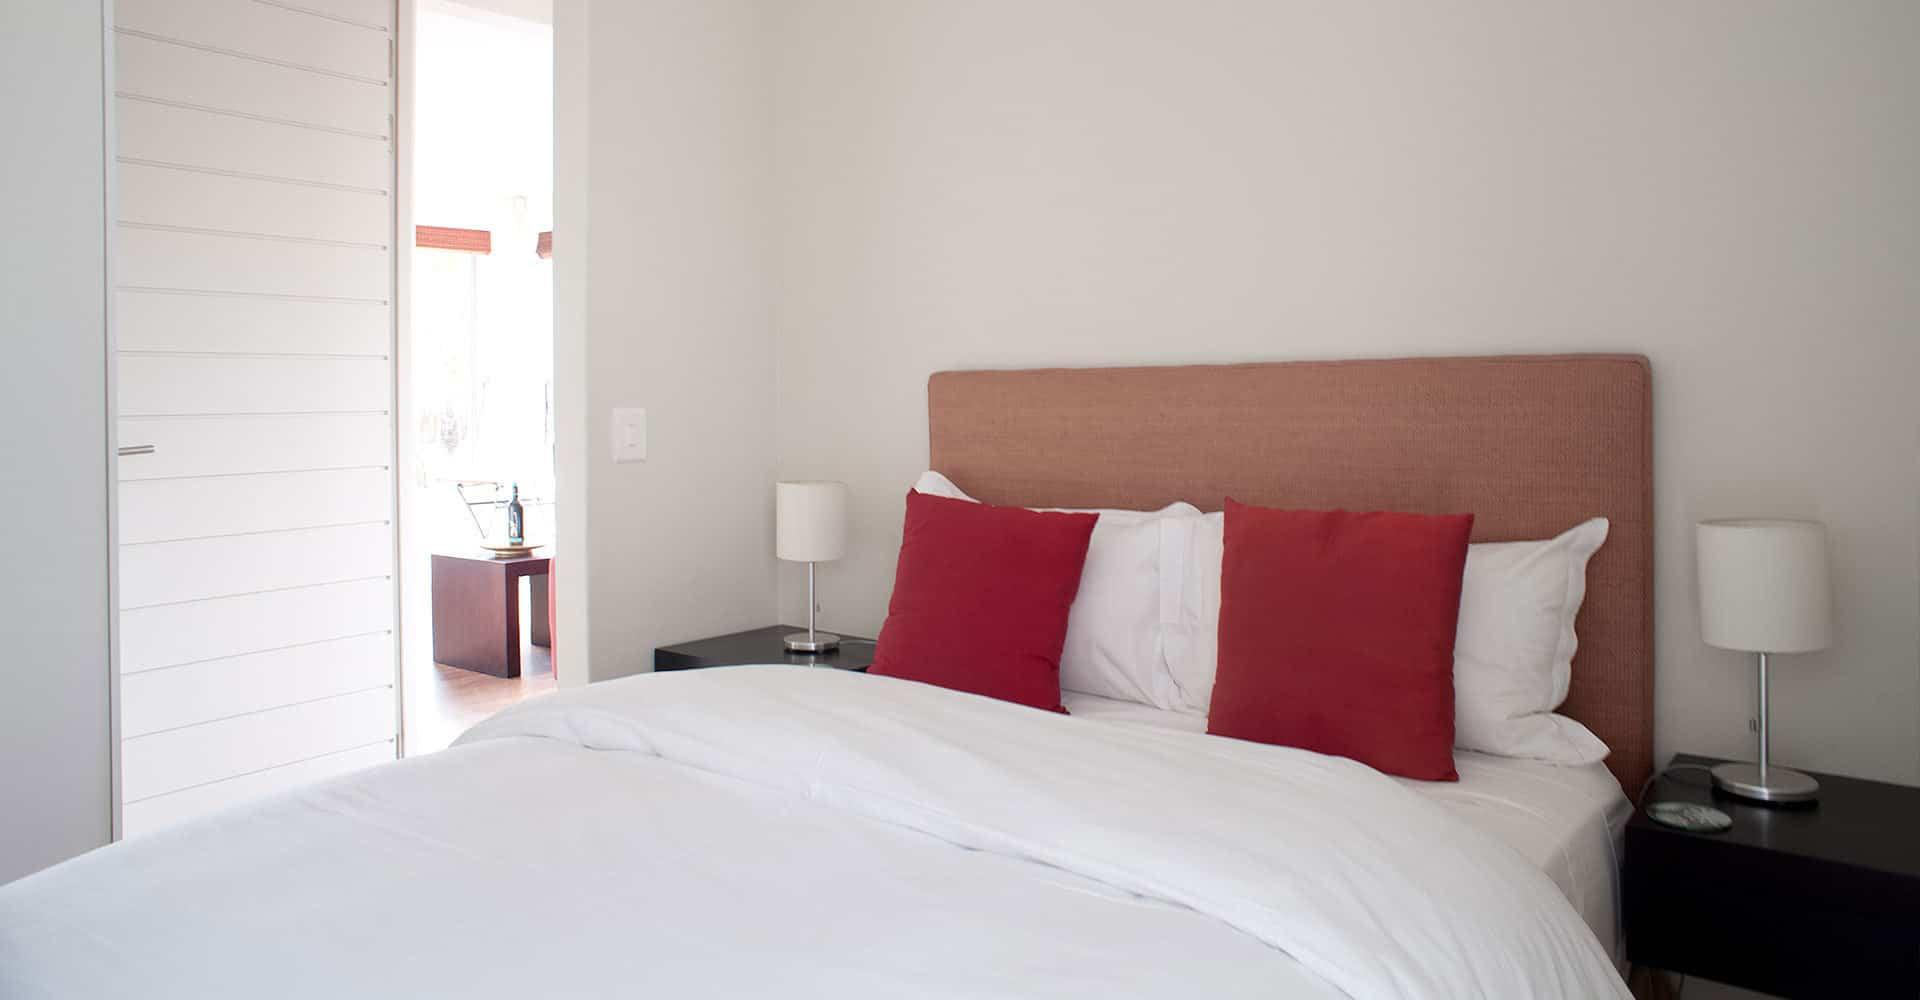 da Heim Guesthouse Kapstadt Schlafzimmer